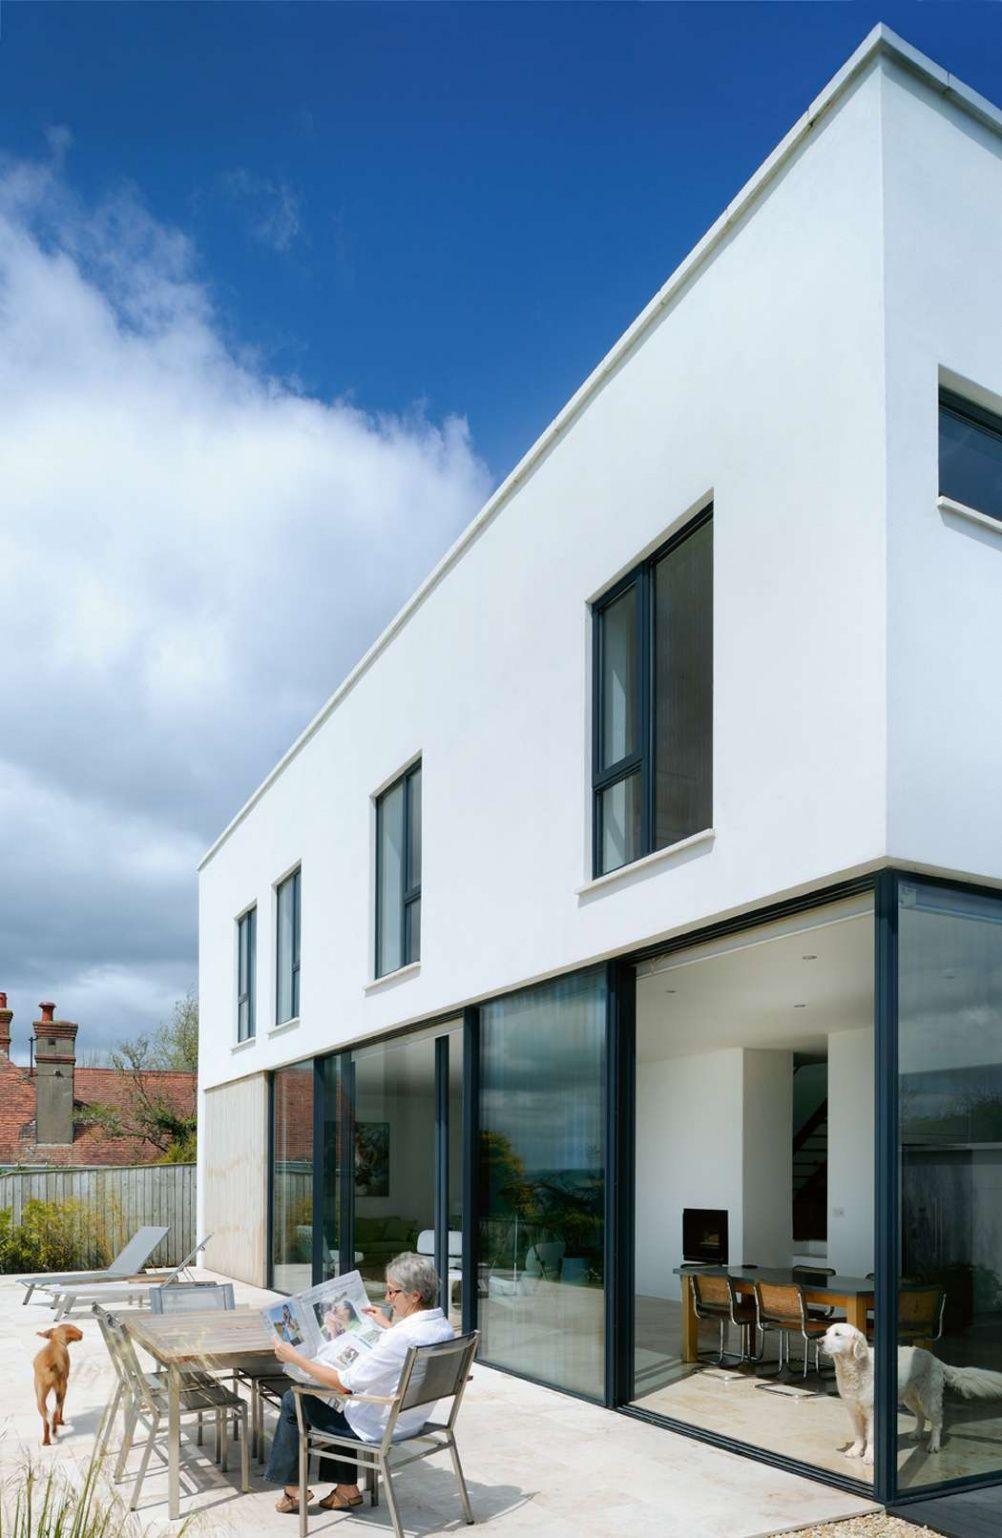 A contemporary minimalist home on the Devon